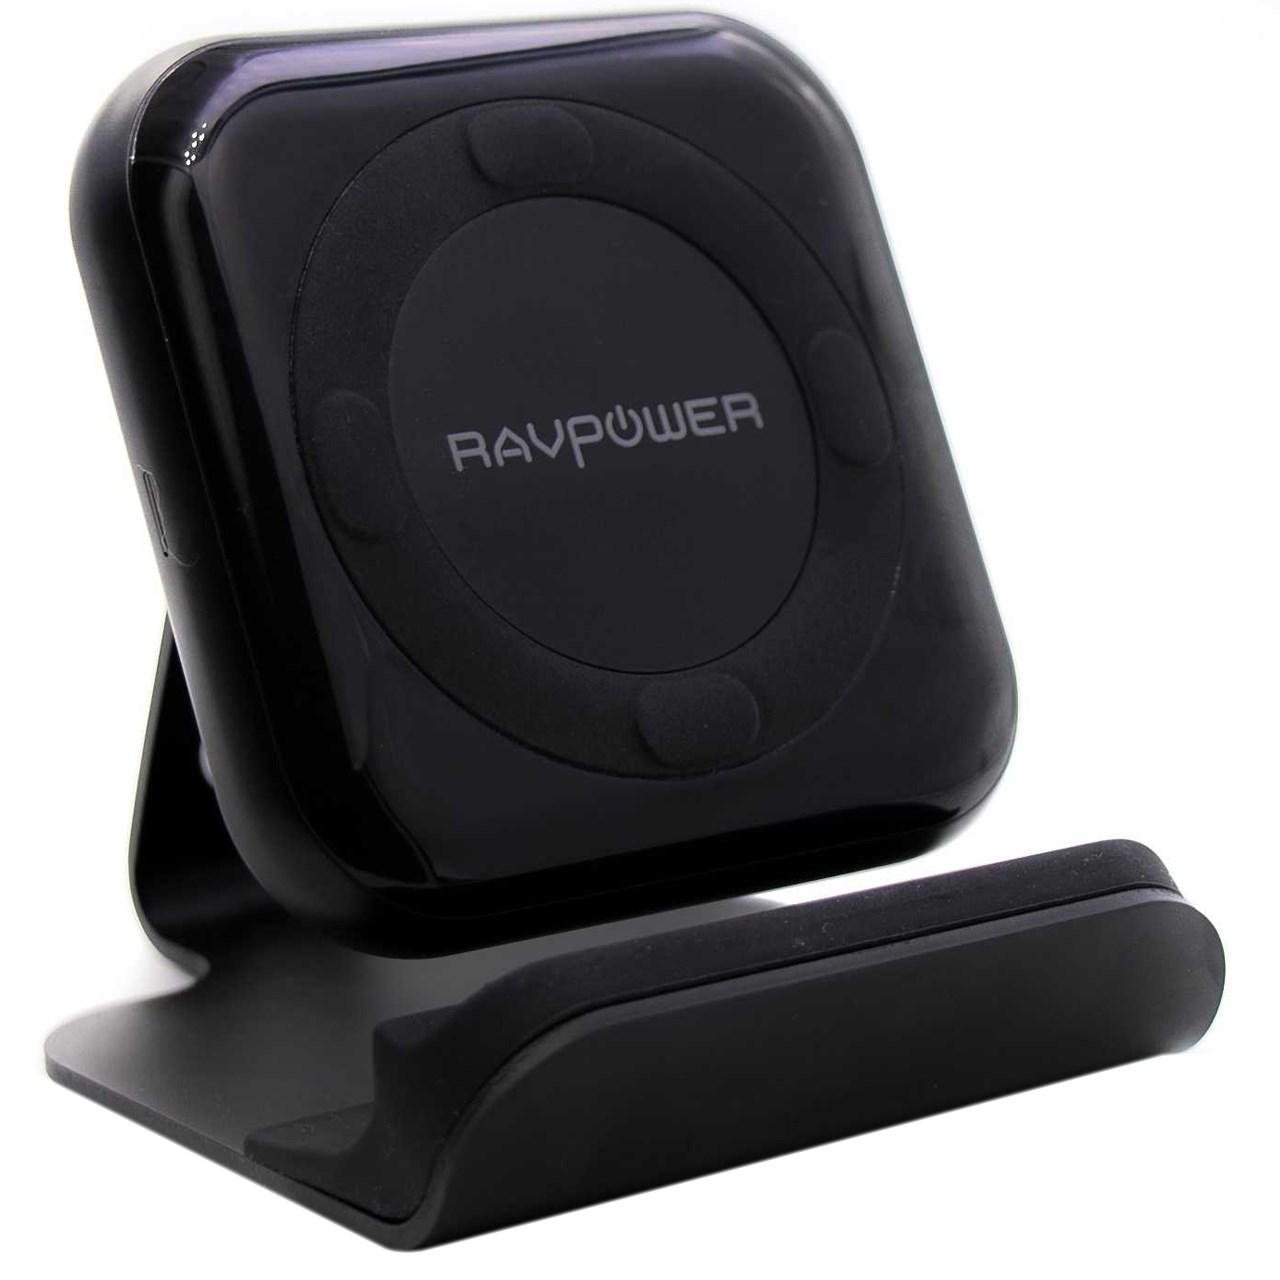 شارژر بی سیم راو پاور مدل RP-PC070